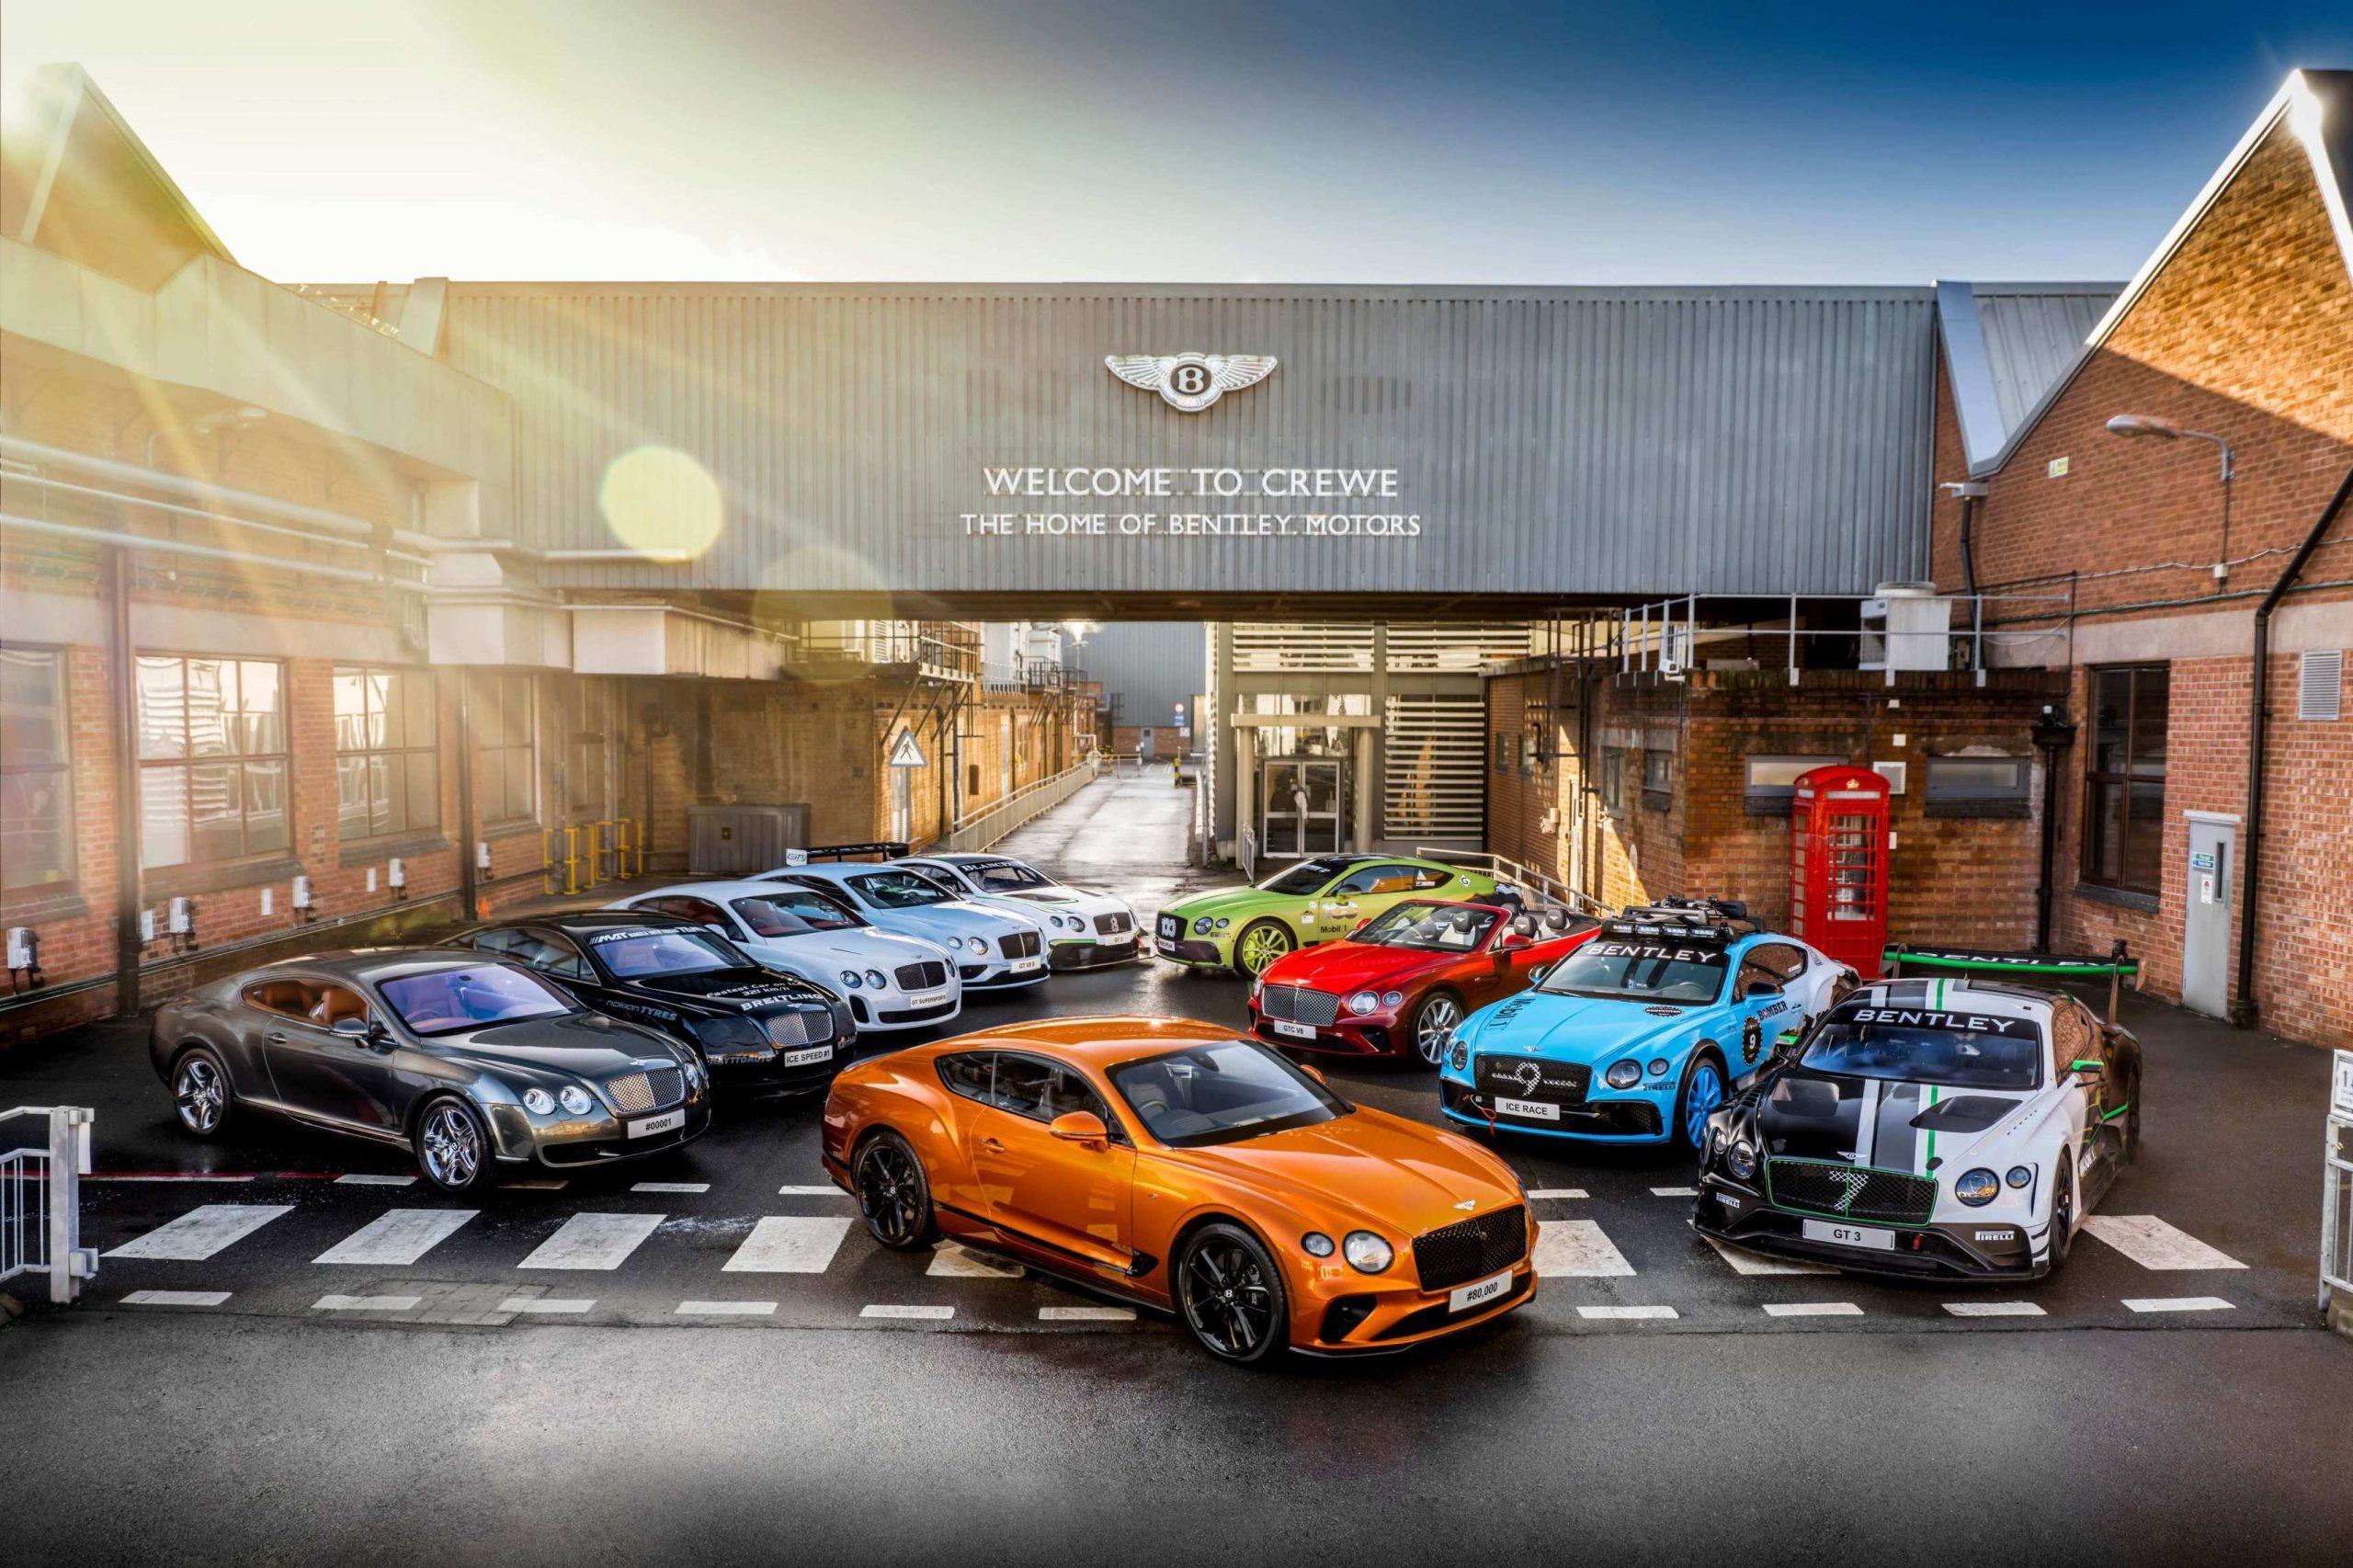 بنتلى تحتفل بإنتاج 80,000 سيارة متميزة من Continental GT